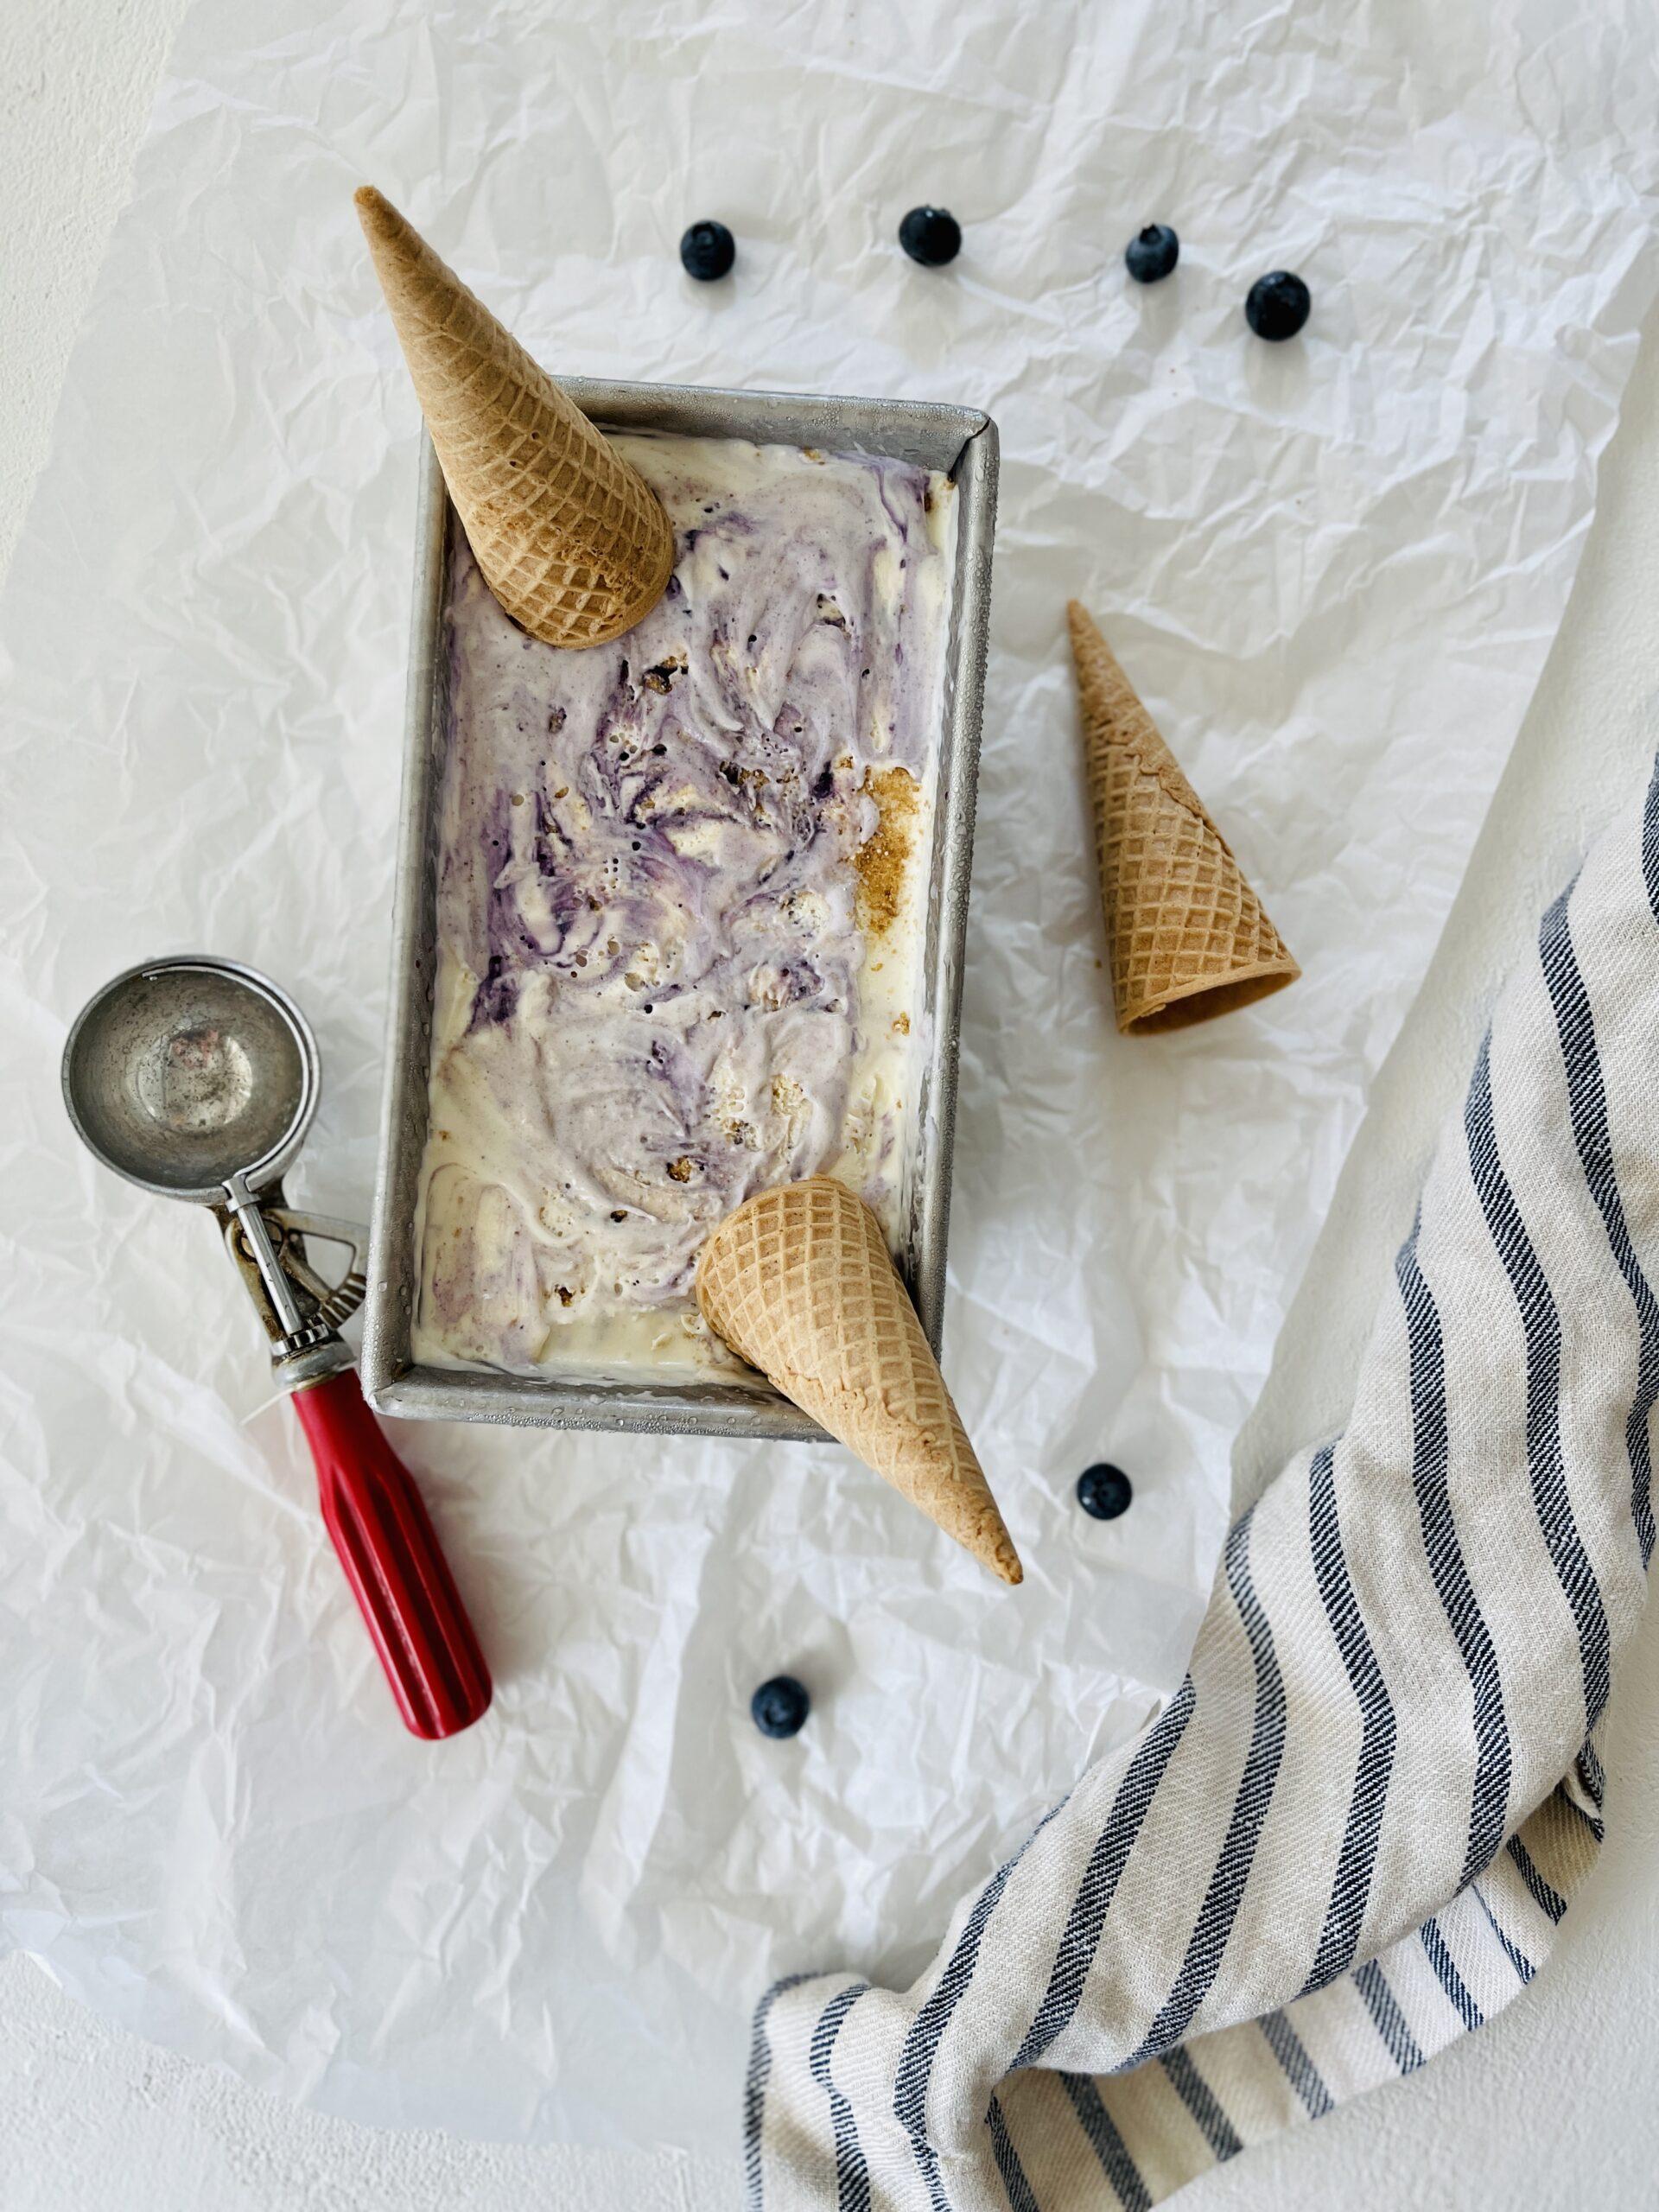 Blueberry Cheesecake No Churn Ice Cream